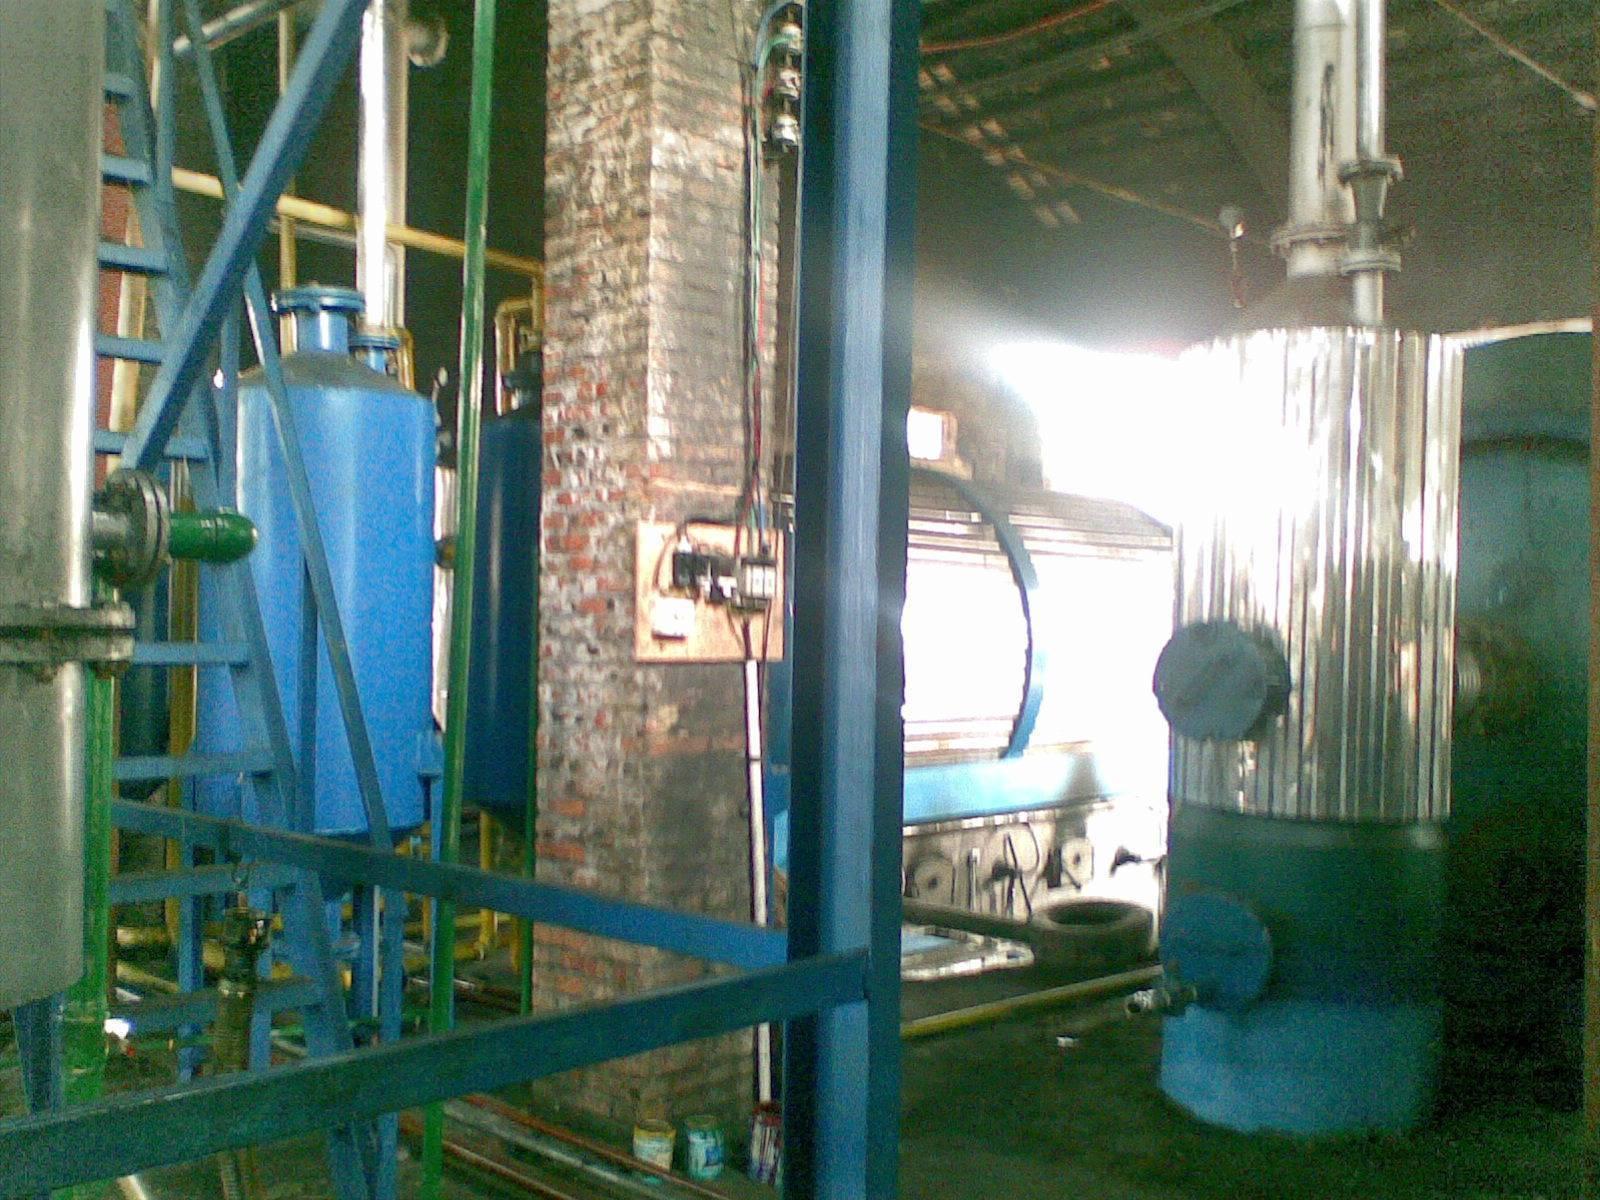 scrap plastic recycling plant